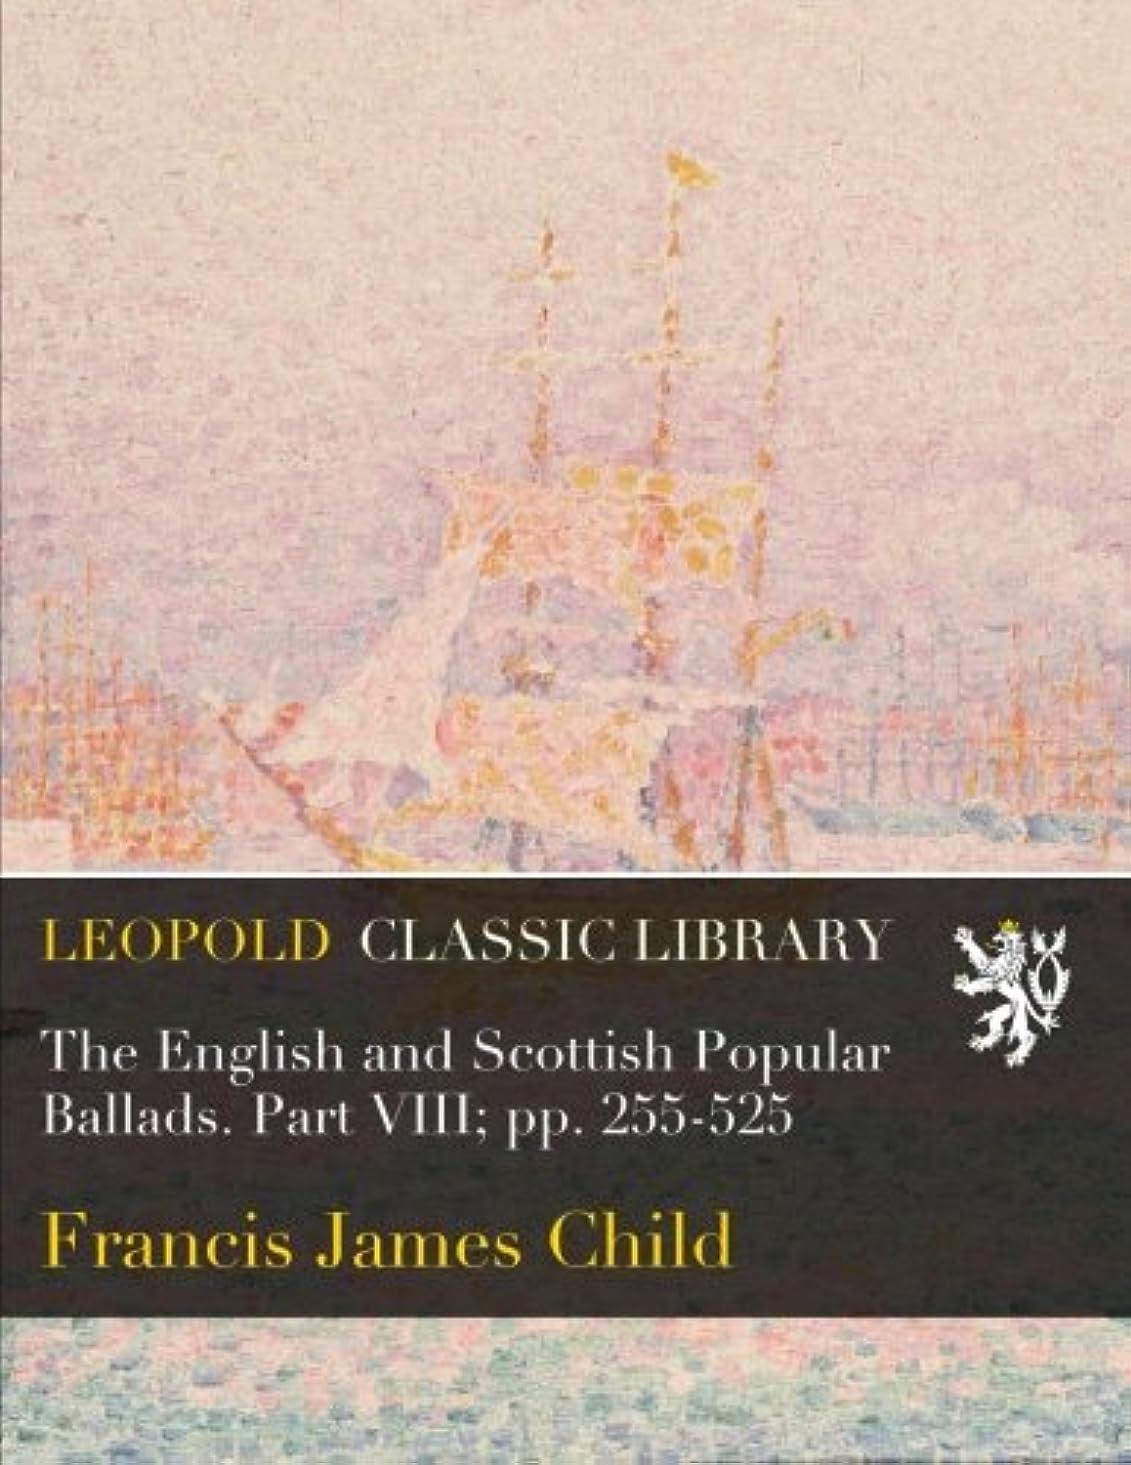 破壊的な道に迷いましたスカープThe English and Scottish Popular Ballads. Part VIII; pp. 255-525